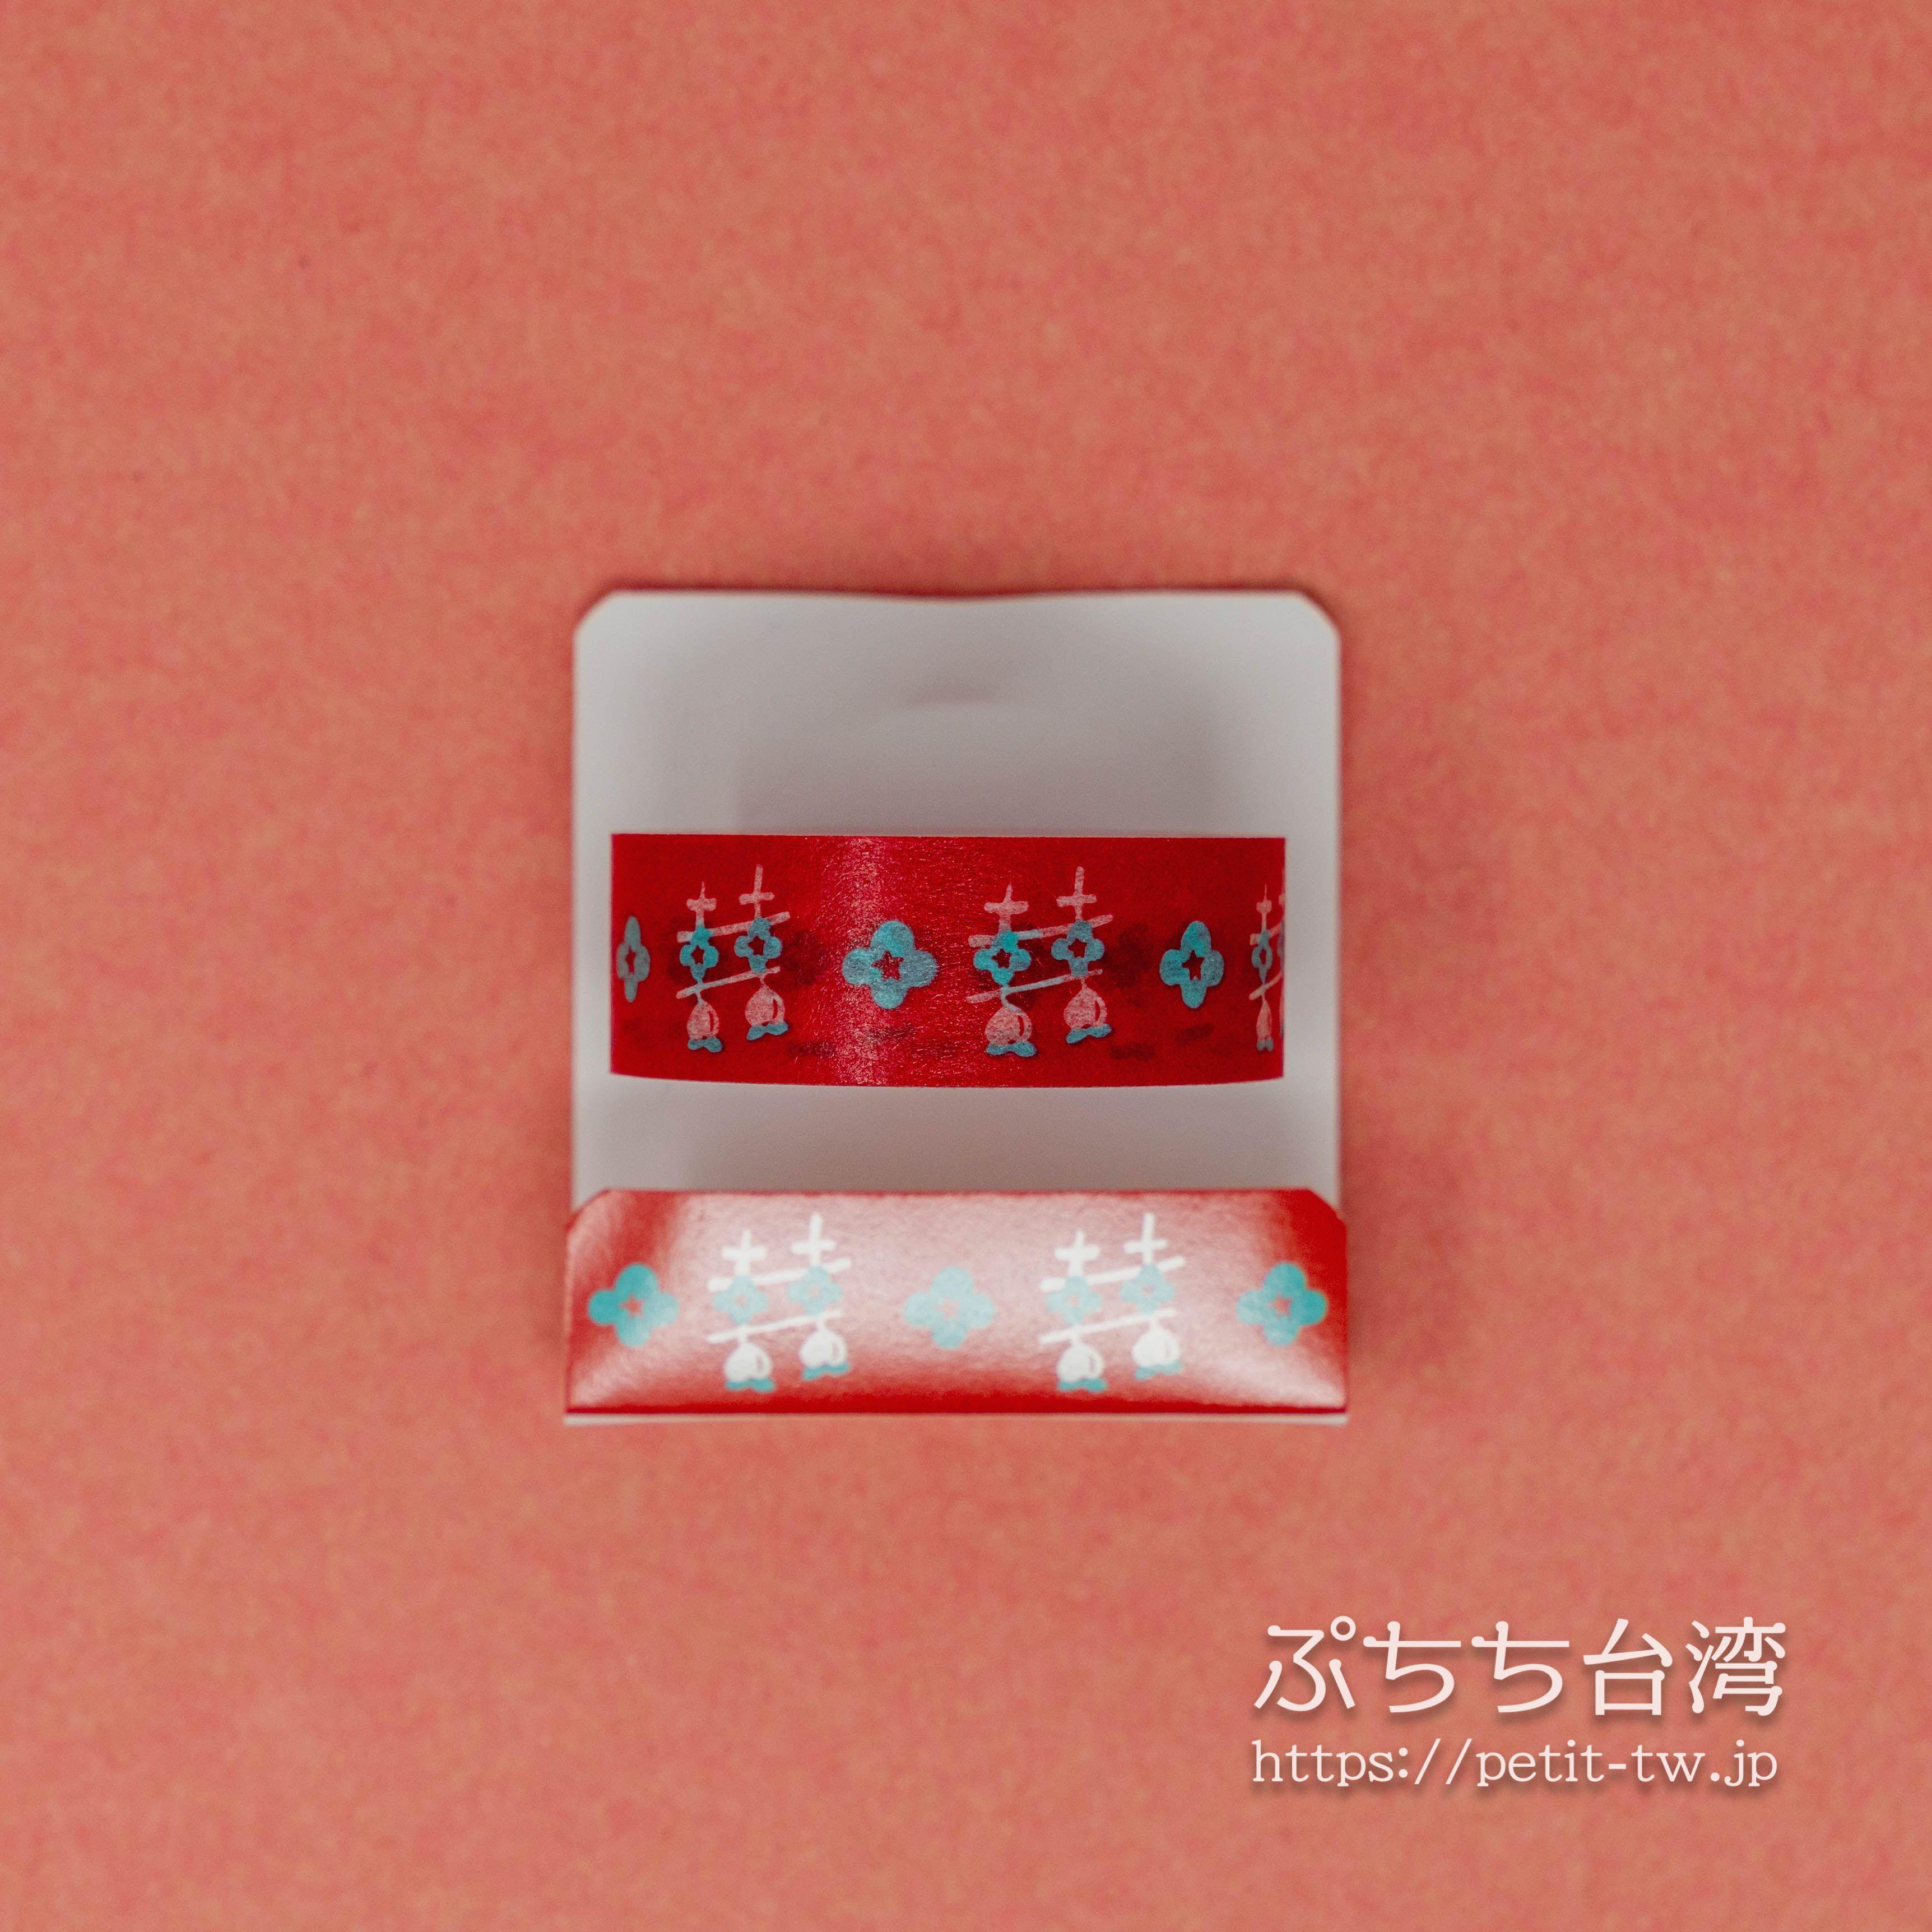 金興發生活百貨 台湾マスキングテープ 圧倒的品揃え 台北 画像あり マスキングテープ 台湾 生活